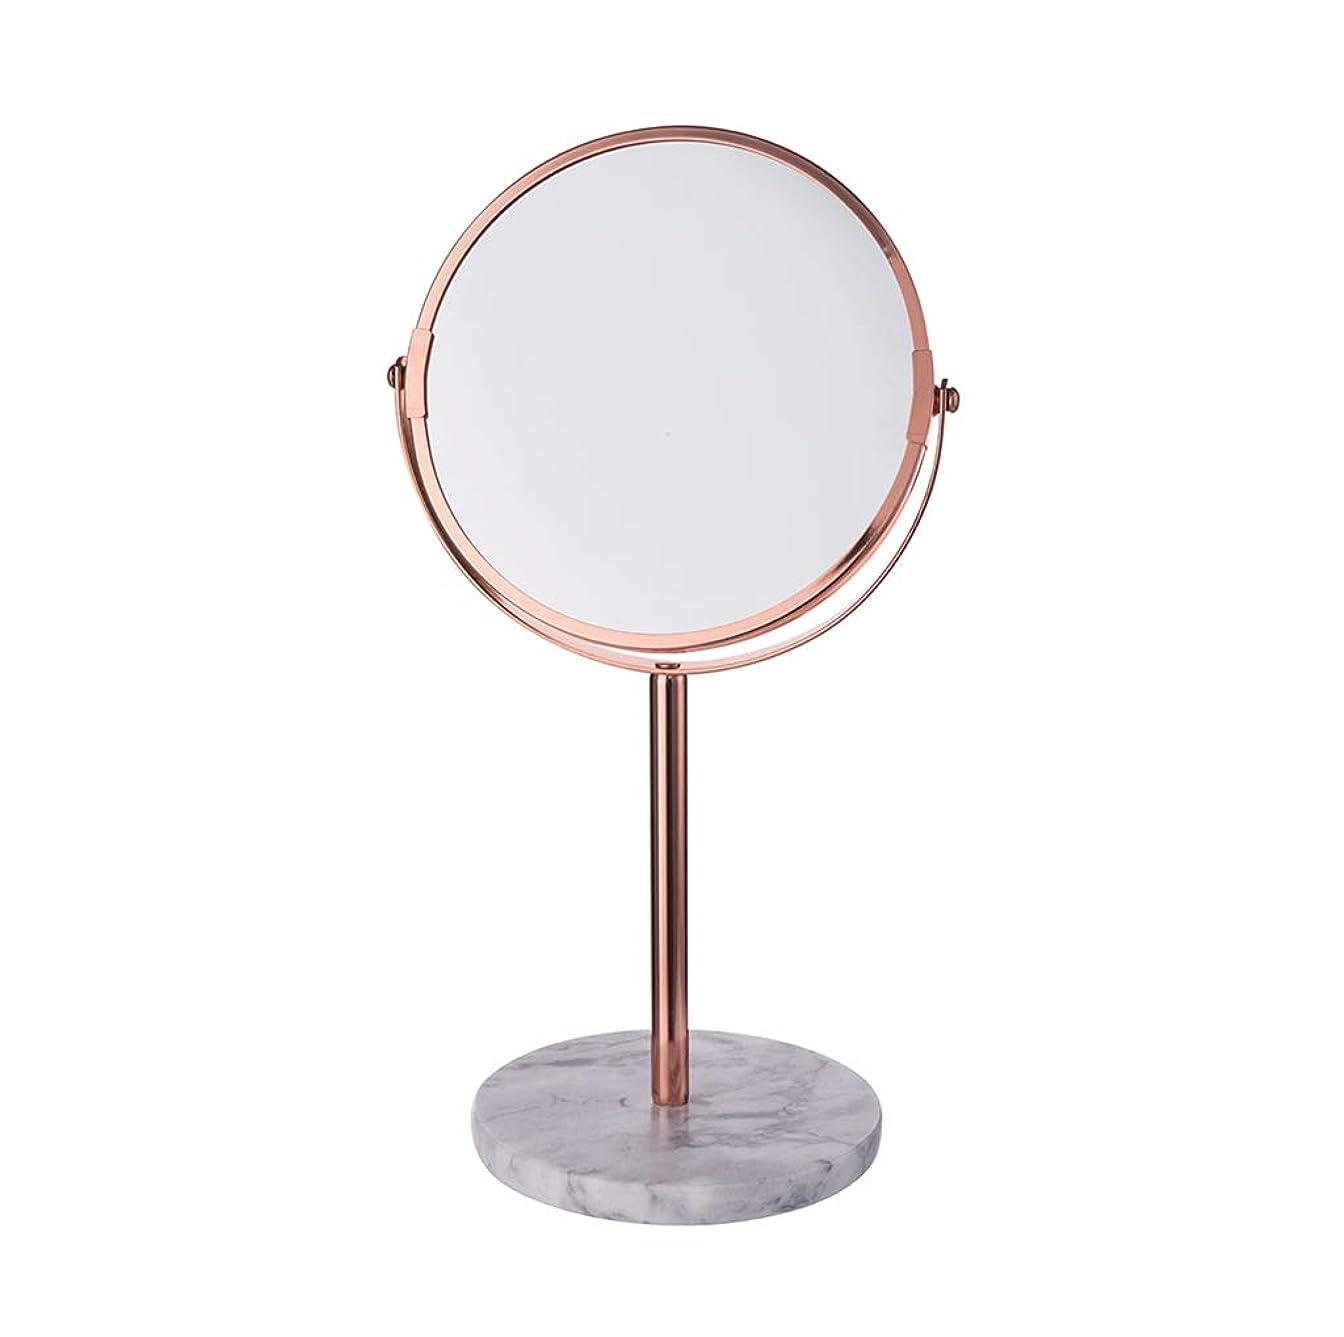 ベアリングサークル和解するあらゆる種類の明るい鏡 化粧台化粧鏡、ラウンド大理石ベース両面ミラー多機能寝室の装飾プリンセスクリエイティブミラー メイクアップとミラー (Color : A)